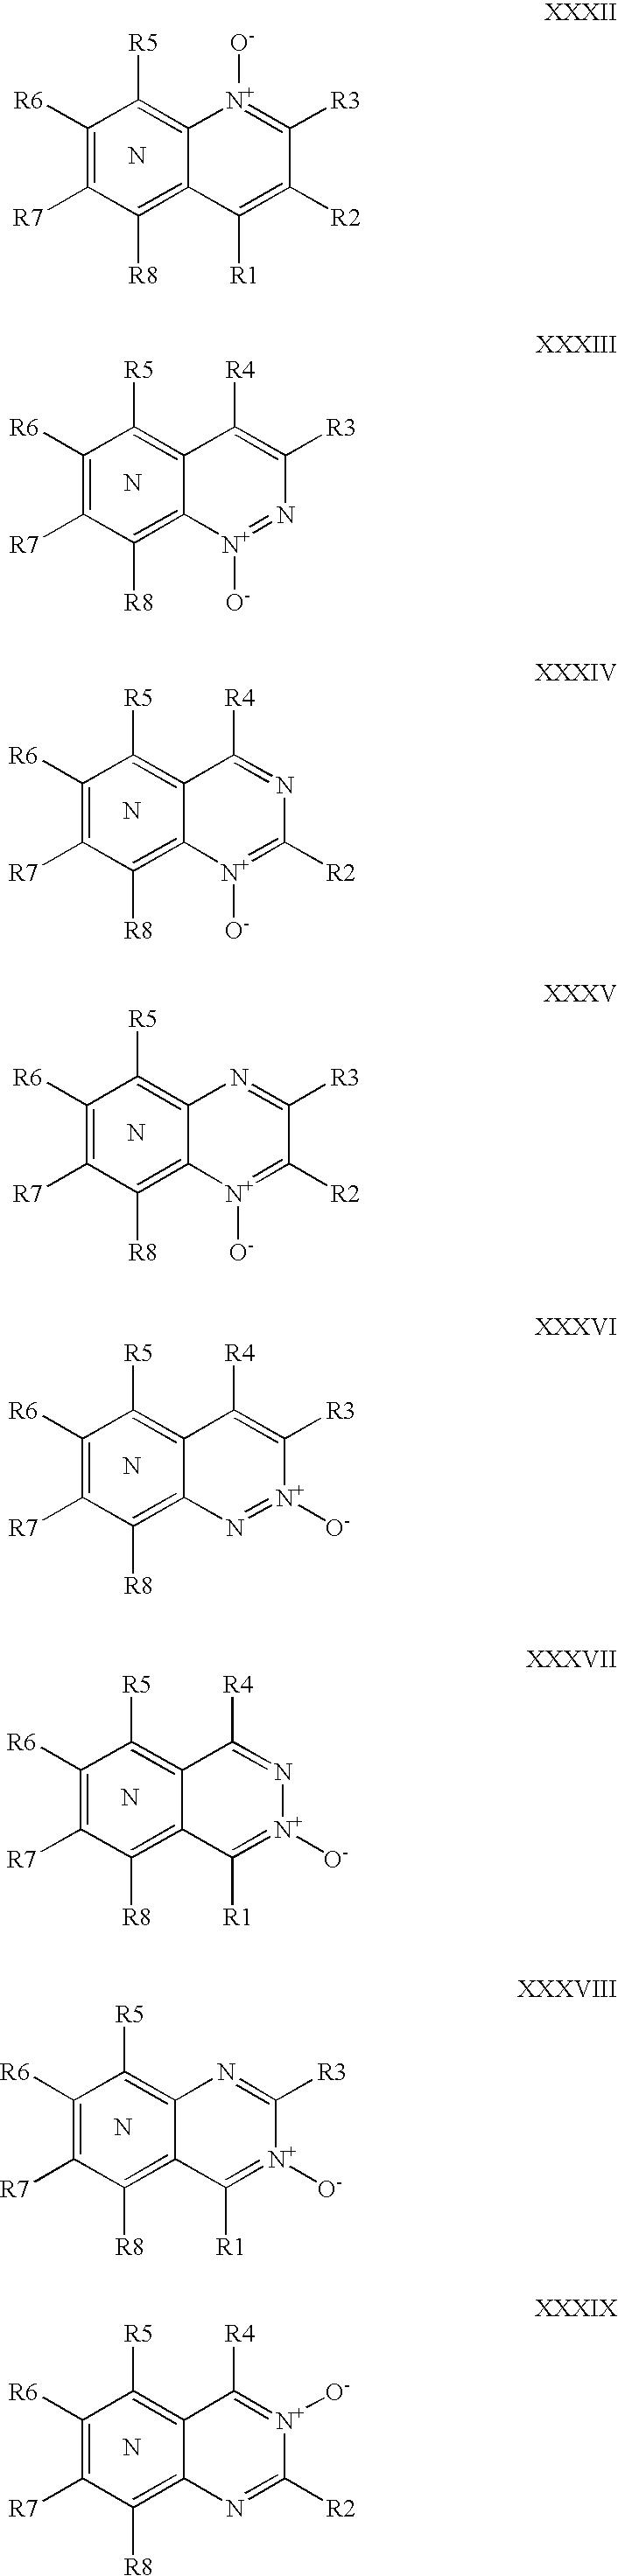 Figure US07288123-20071030-C00058